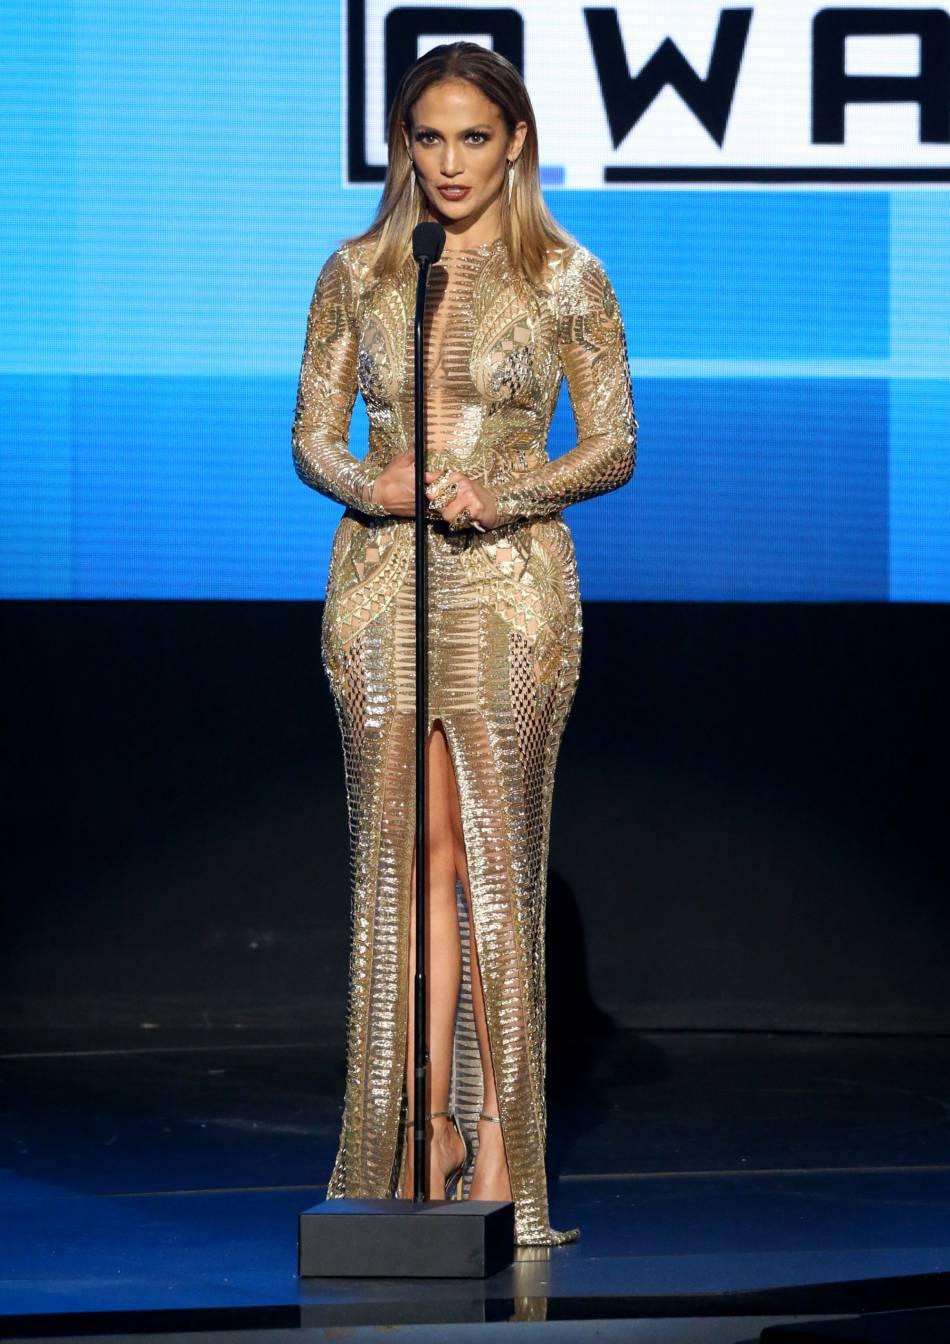 Jennifer Lopez dans une robe Julien MacDonald et sandales Stuart Weitzman aux American Music Awards 2015 le 22 novembre 2015 à Los Angeles.